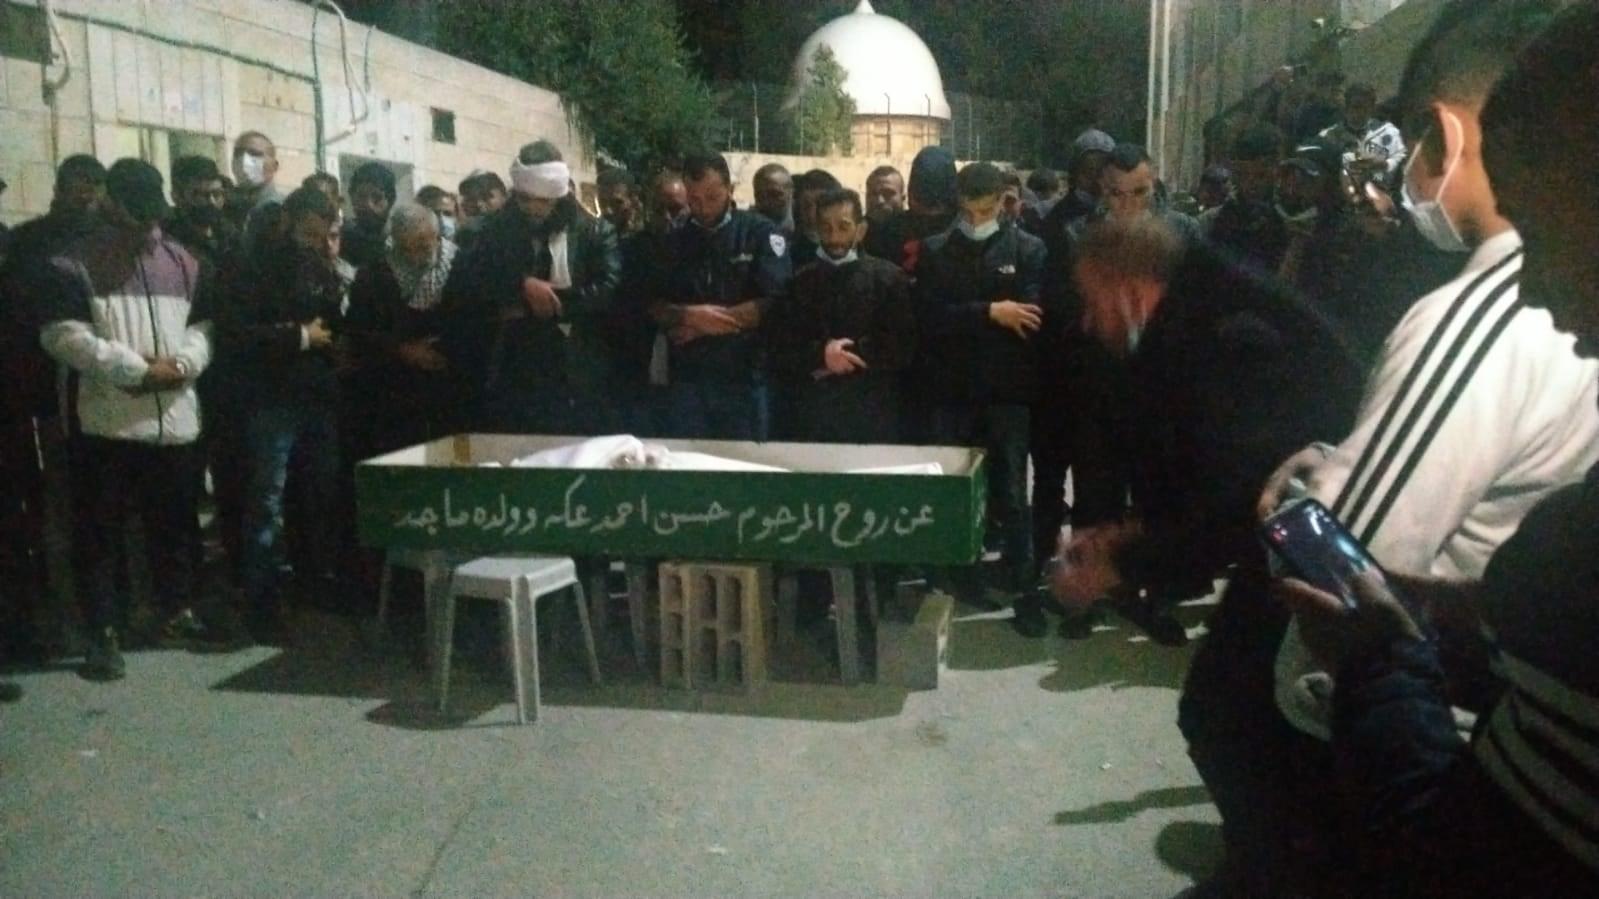 سلطات الاحتلال سلمت مساء اليوم  جثمان الشهيد نور شقير وتفرض دفنه مباشرة